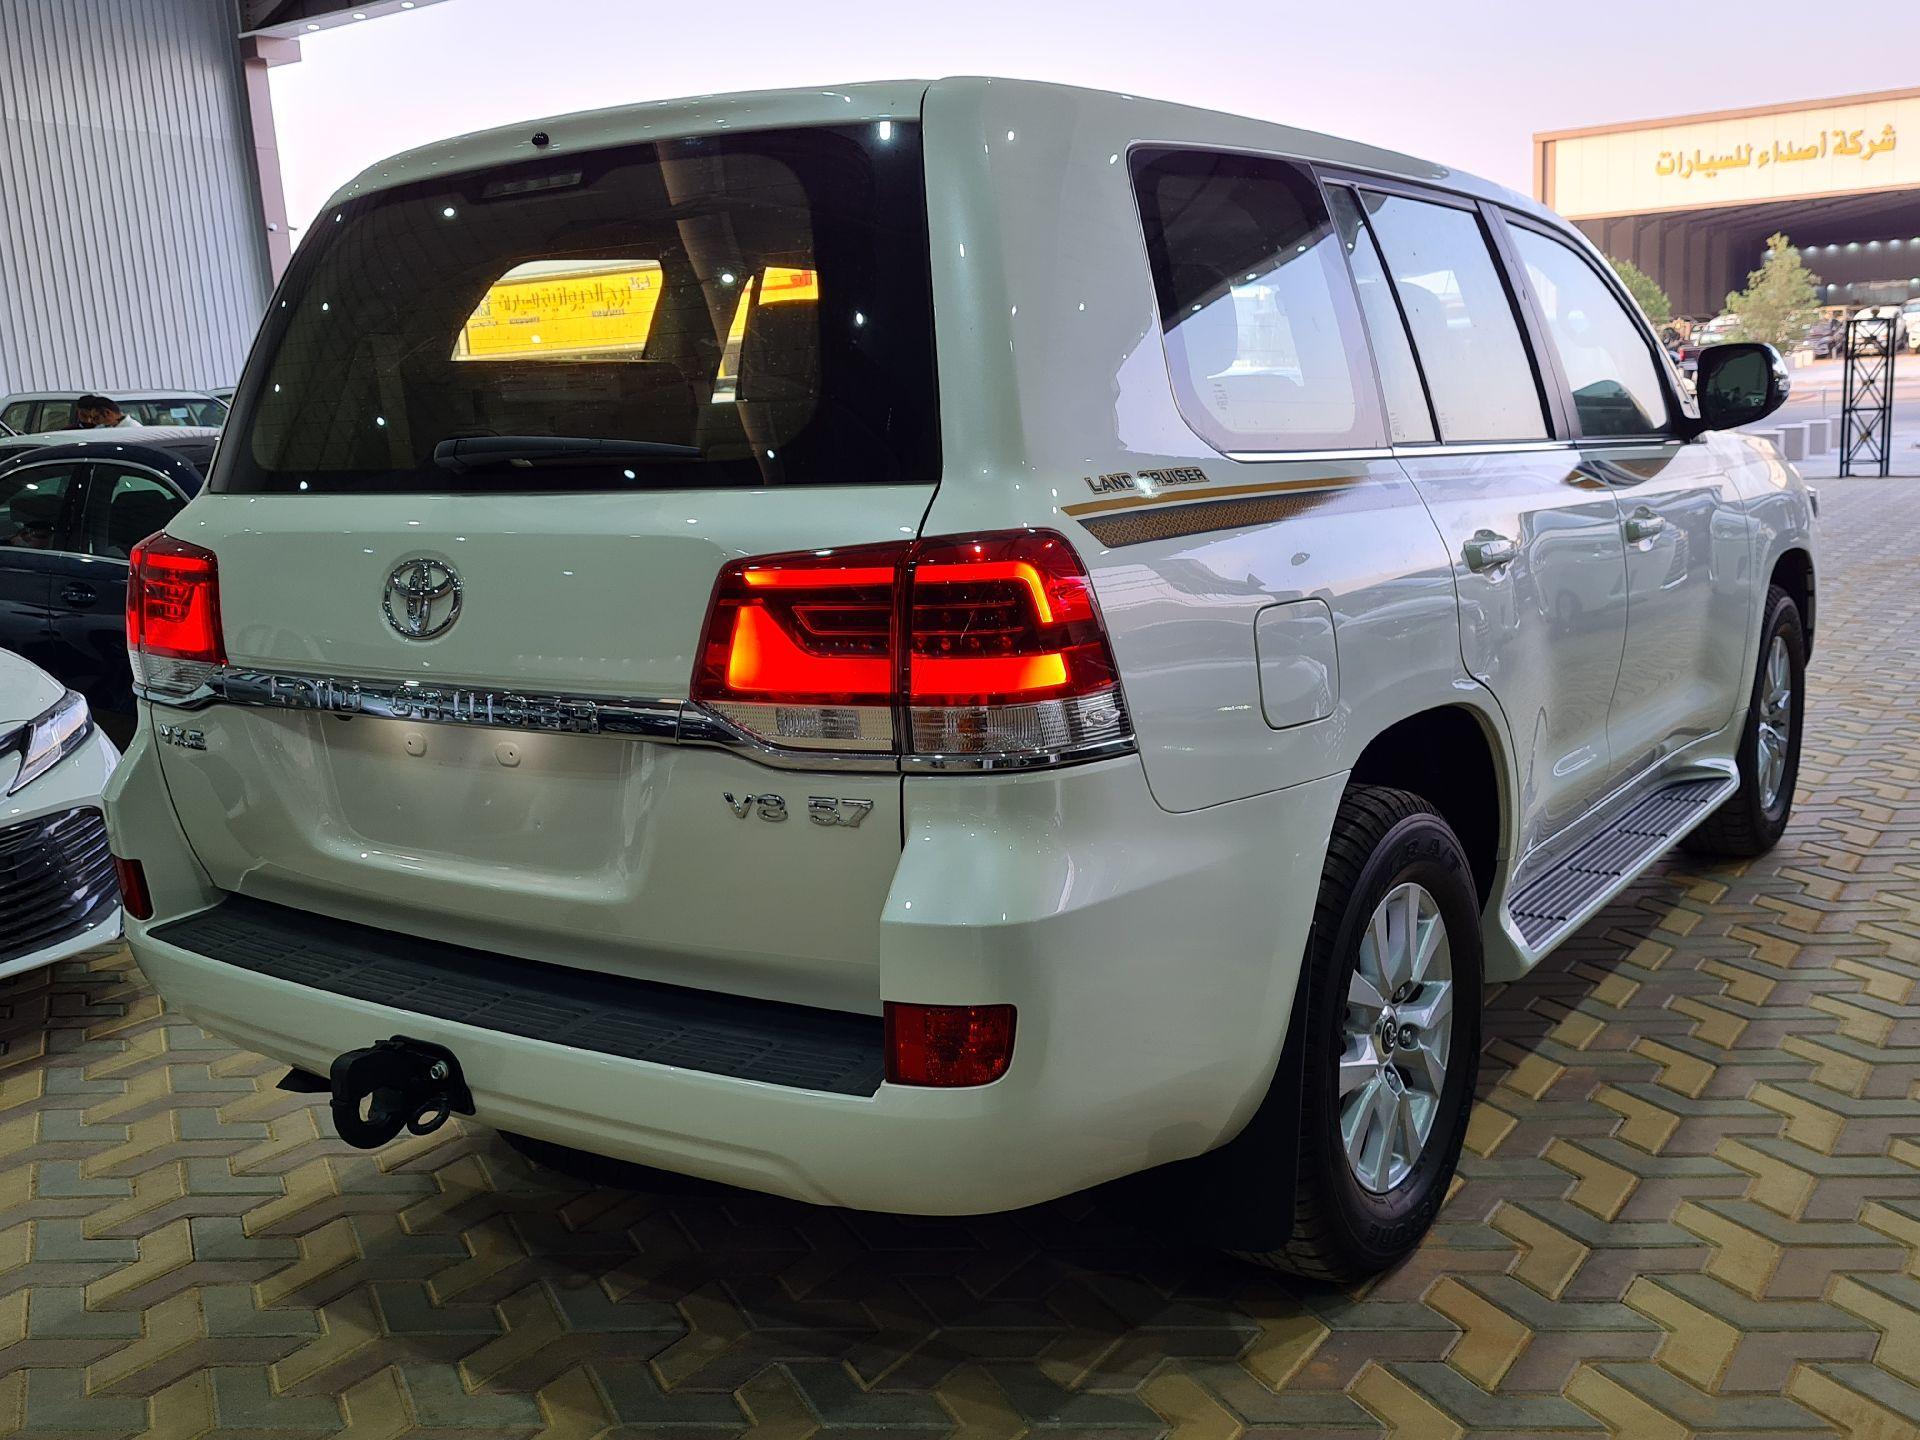 تويوتا لاندكروزر VX.E 2021  بريمي للبيع في الرياض - السعودية - صورة كبيرة - 2